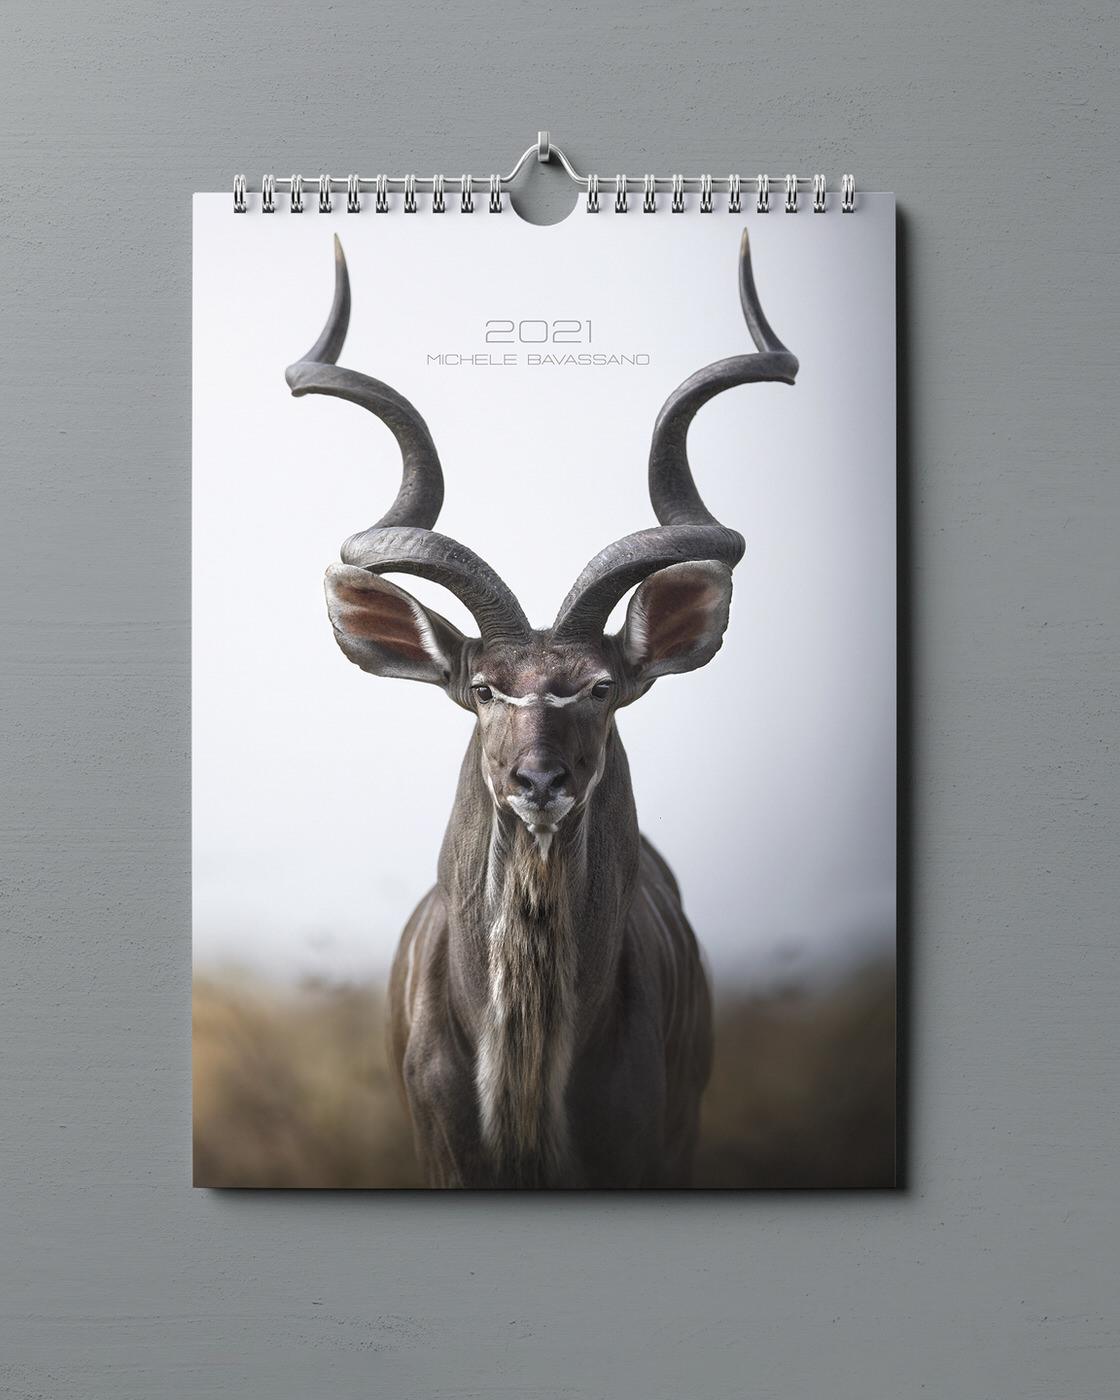 Calendario fotografico michele bavassano